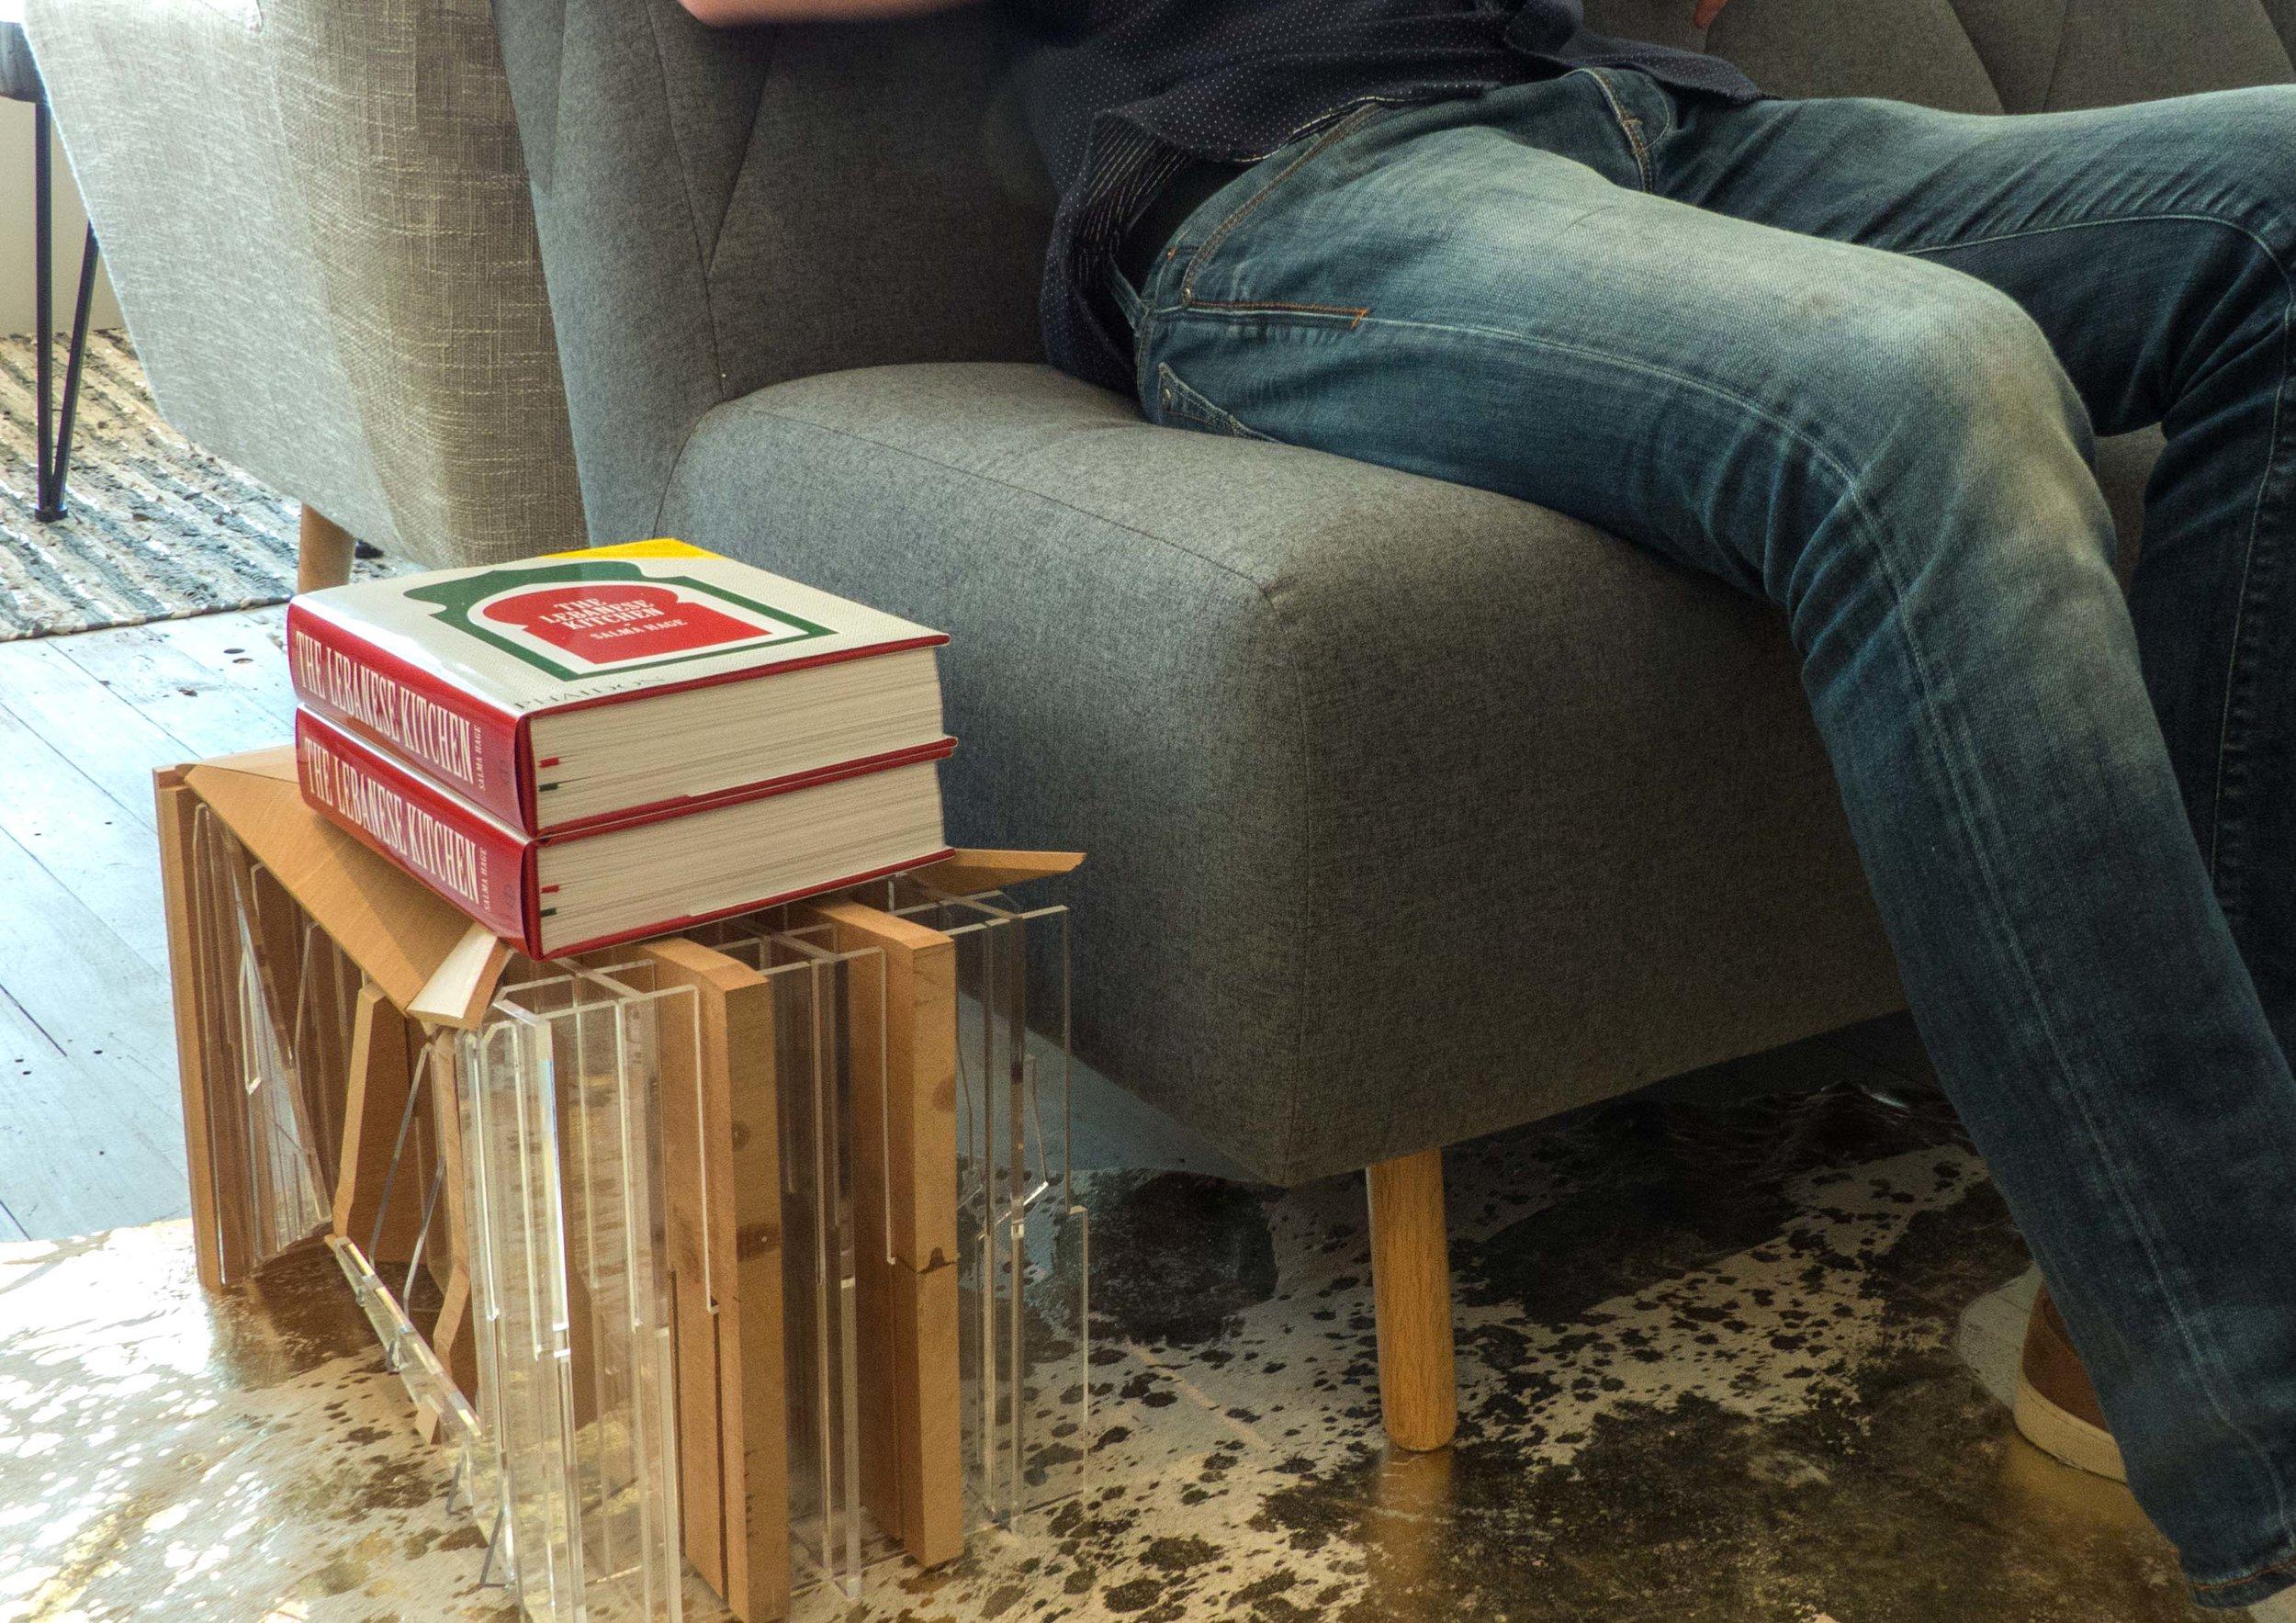 Furniture_JakeRuanSopanha_Ben_image2.jpg